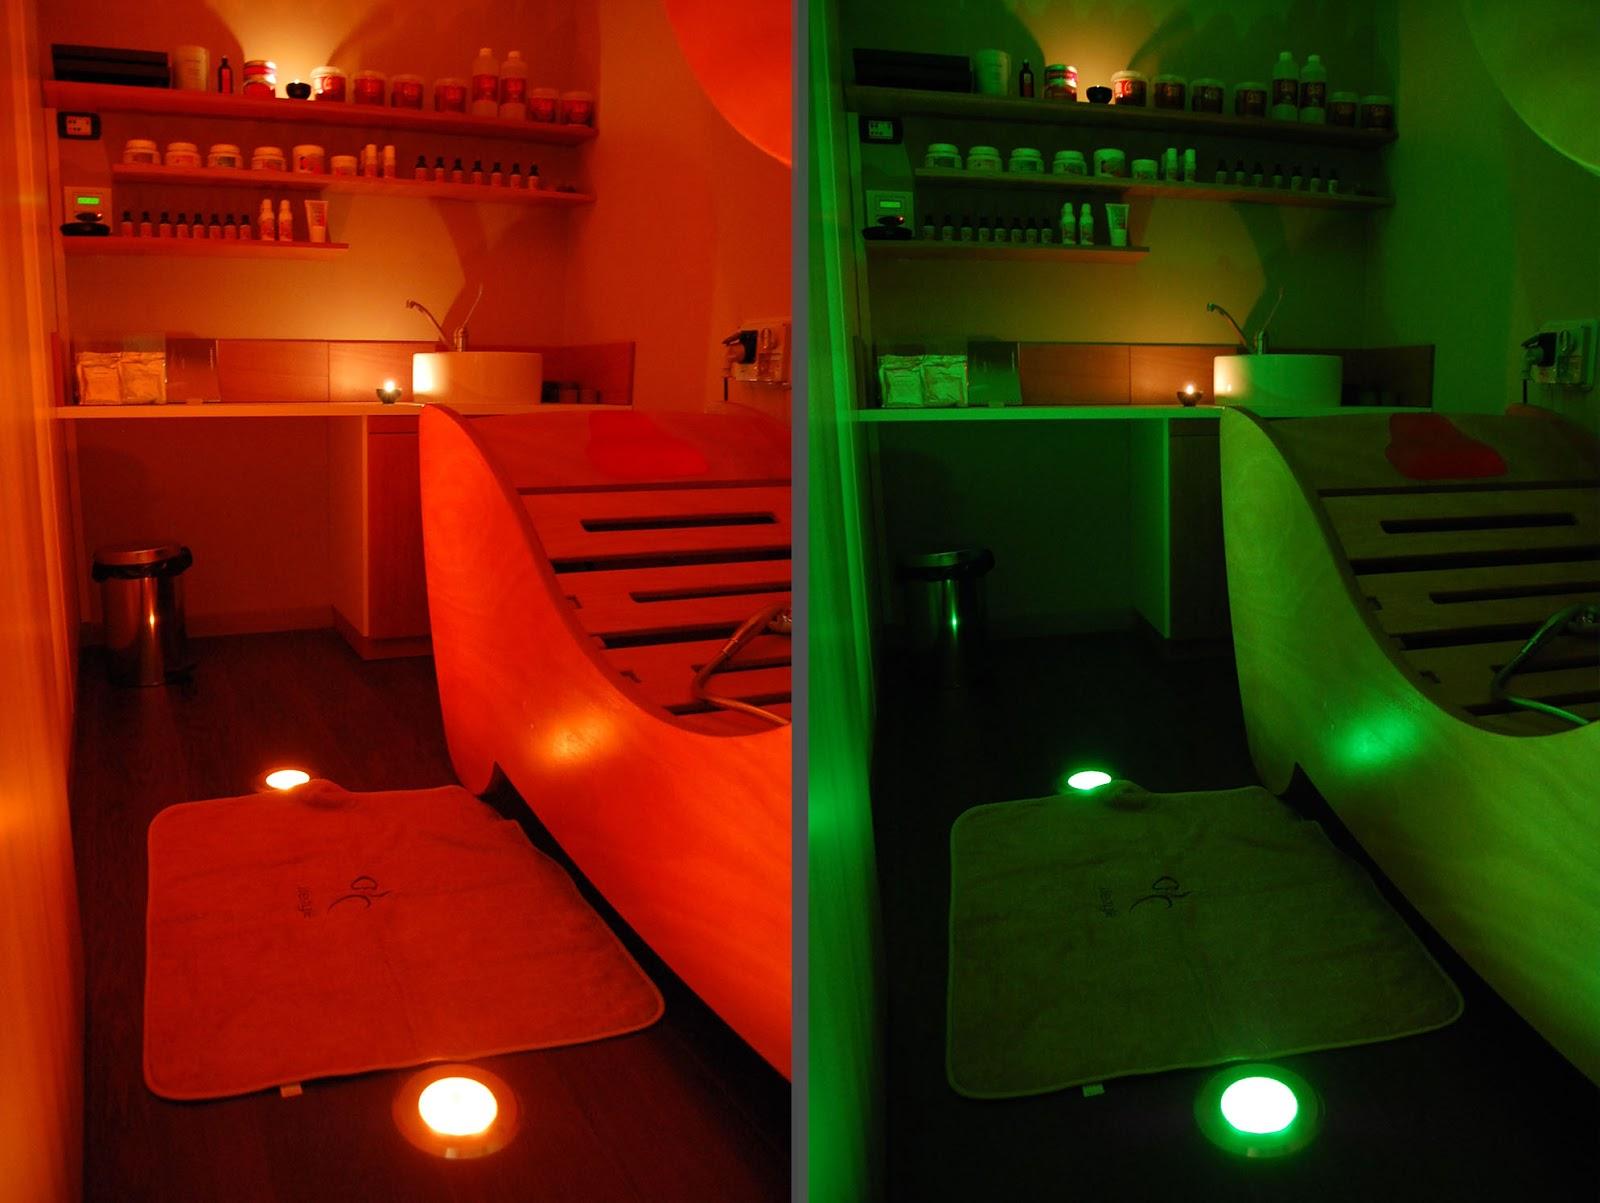 Luci Led Per Cromoterapia illuminazione led casa: illuminazione led multicolore rgb